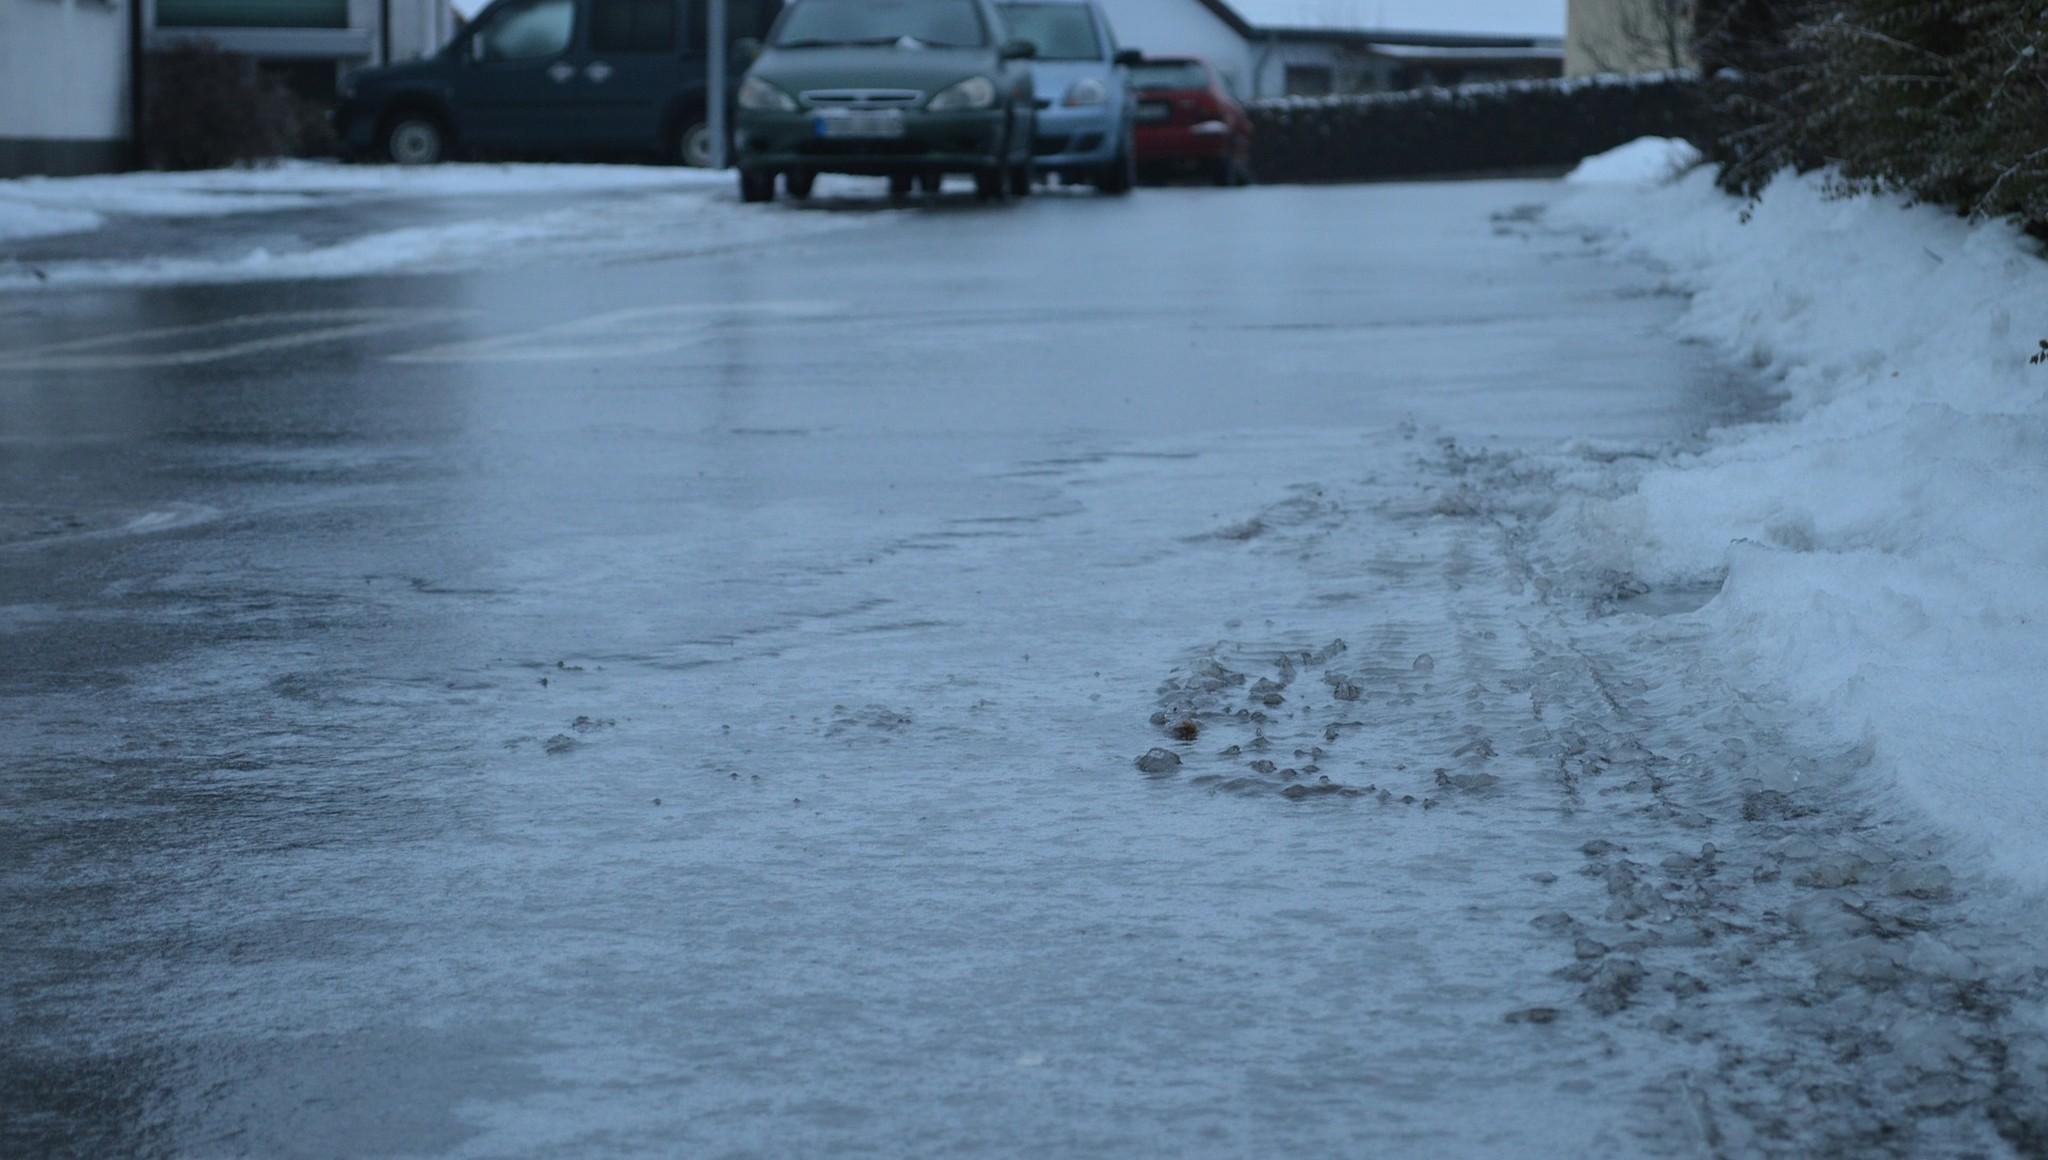 Директора УК в поселке Эммаусс под Тверью оштрафовали за лед и колеи во дворах